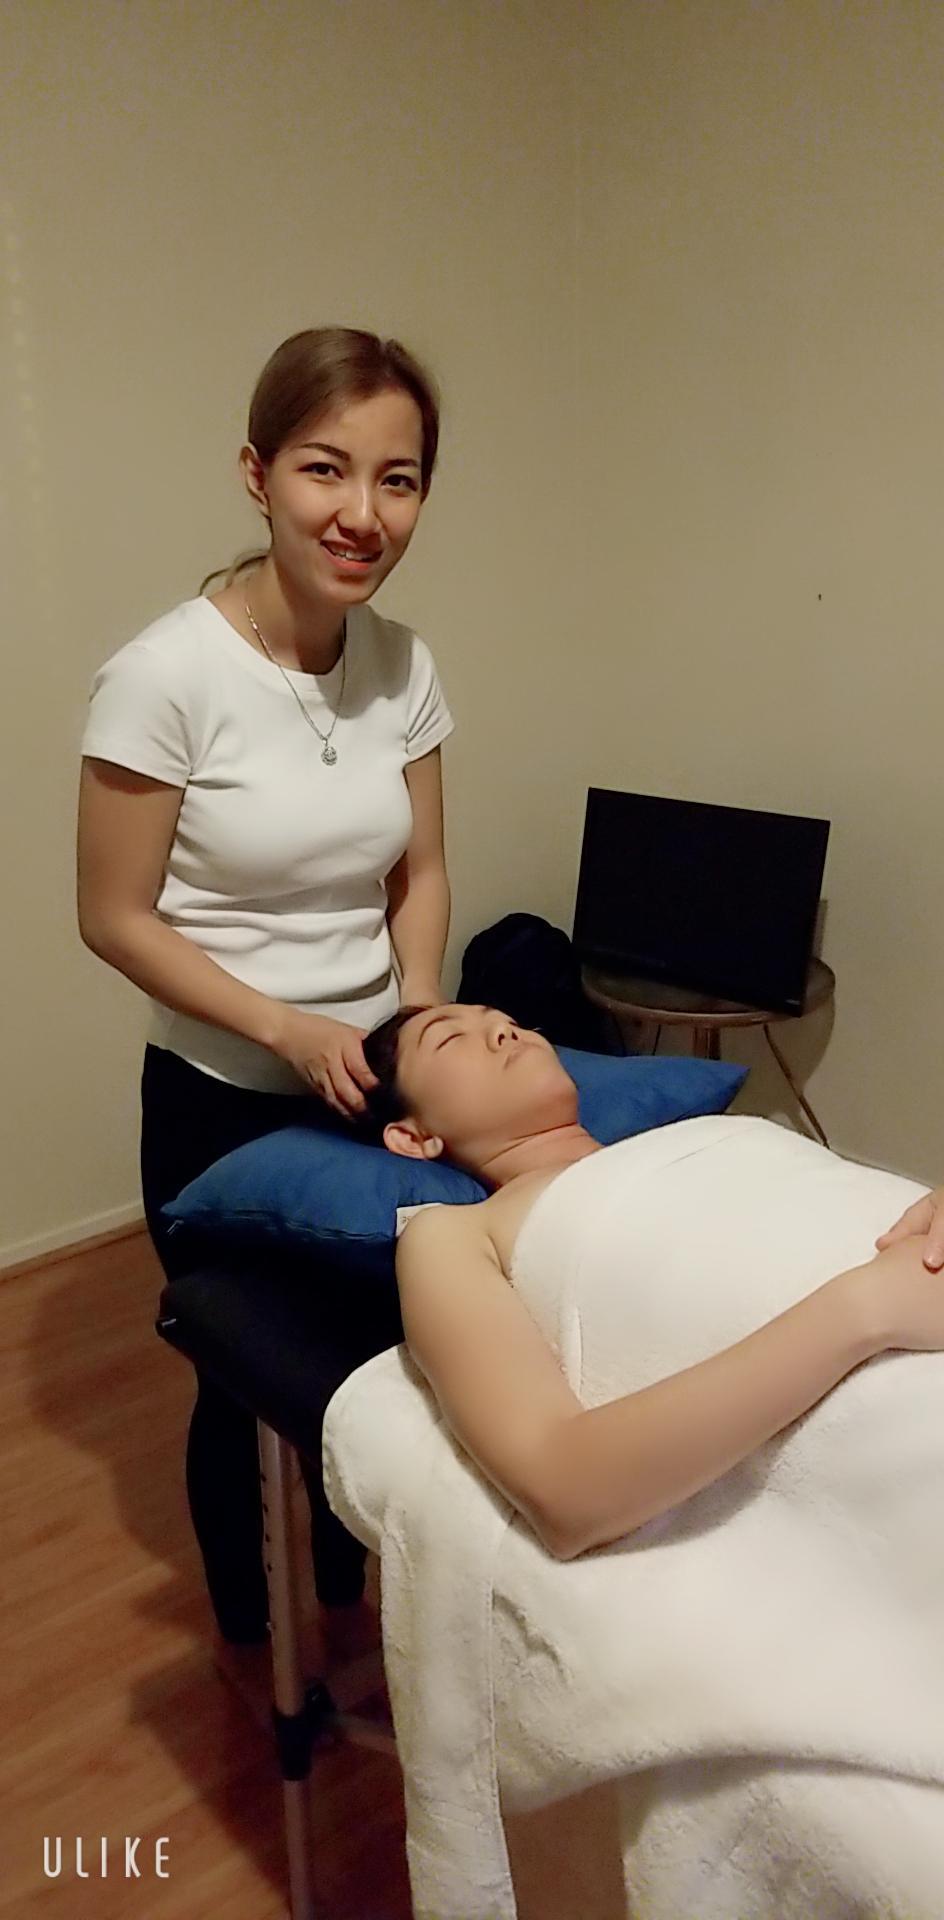 Nối Mi và Massage Body tại nhà dành cho Nữ